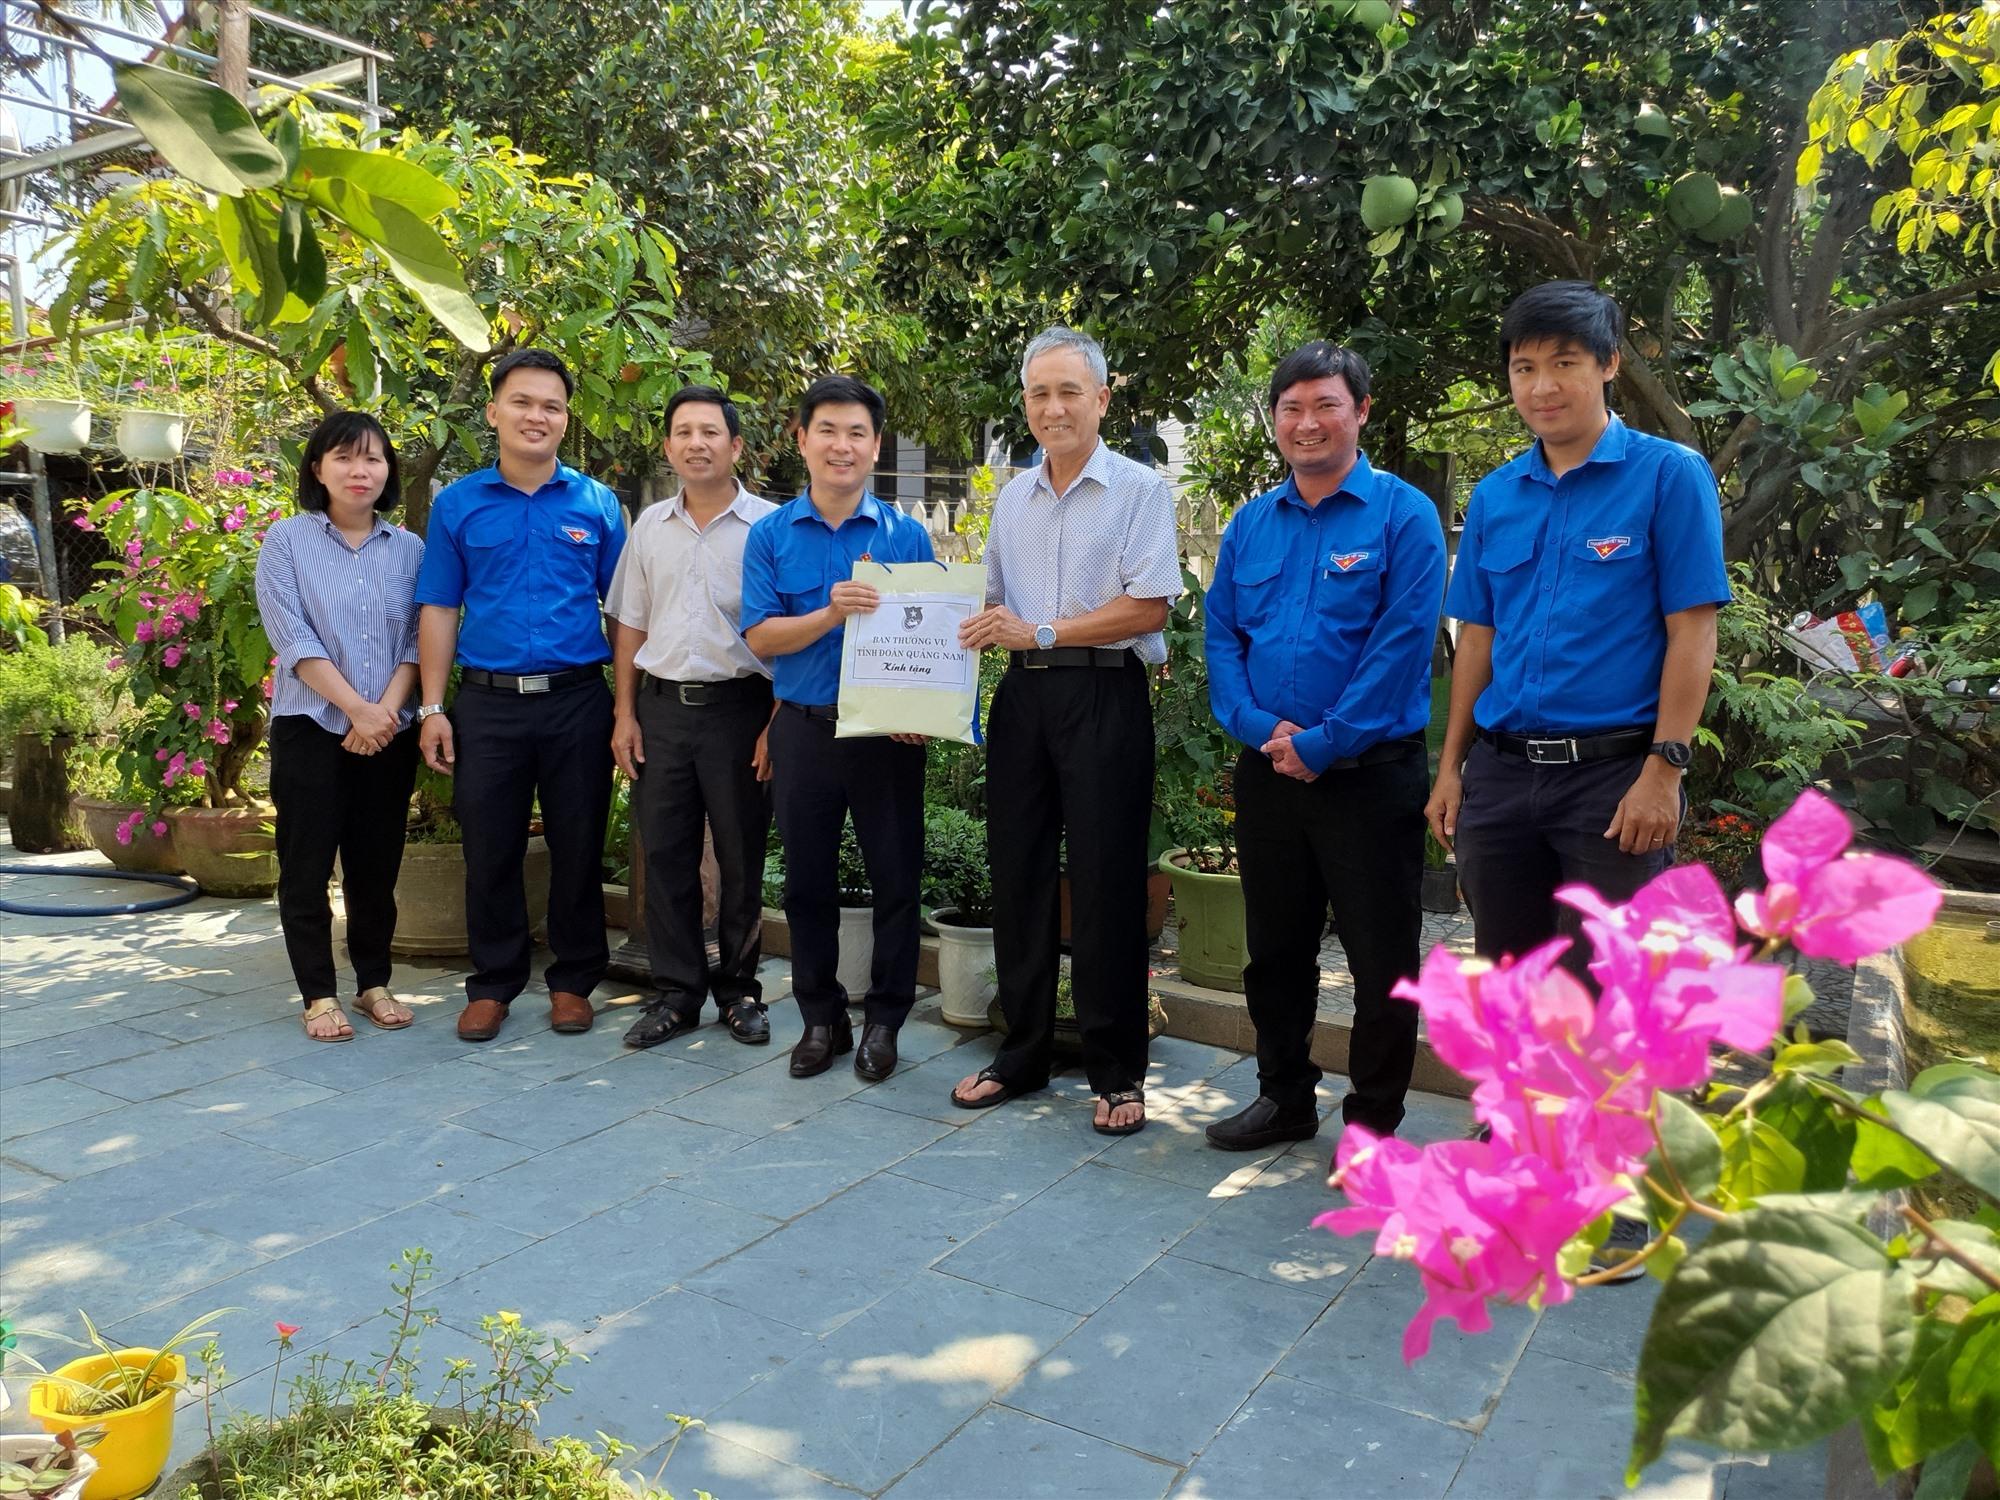 Tỉnh đoàn tổ chức giao lưu, tiếp lửa truyền thống tại nhà AHLLVTND, Đại tá Phạm Tấn Kịp.